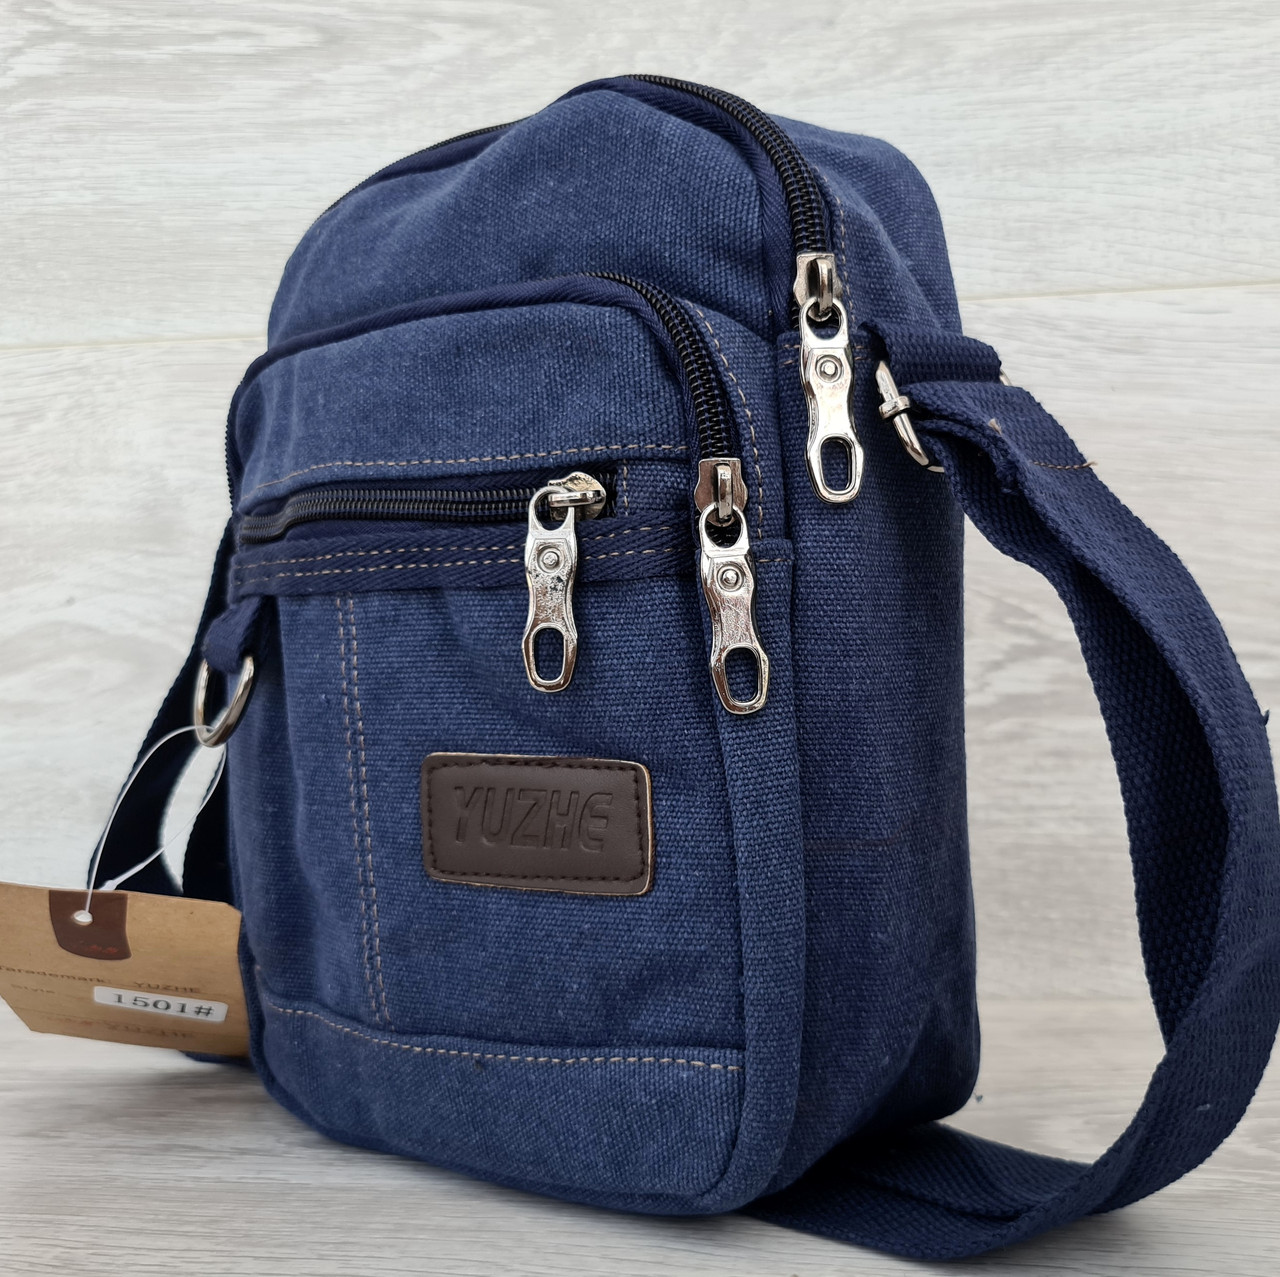 Стильная мужская спортивная сумка тканевая синего цвета (151501сн)